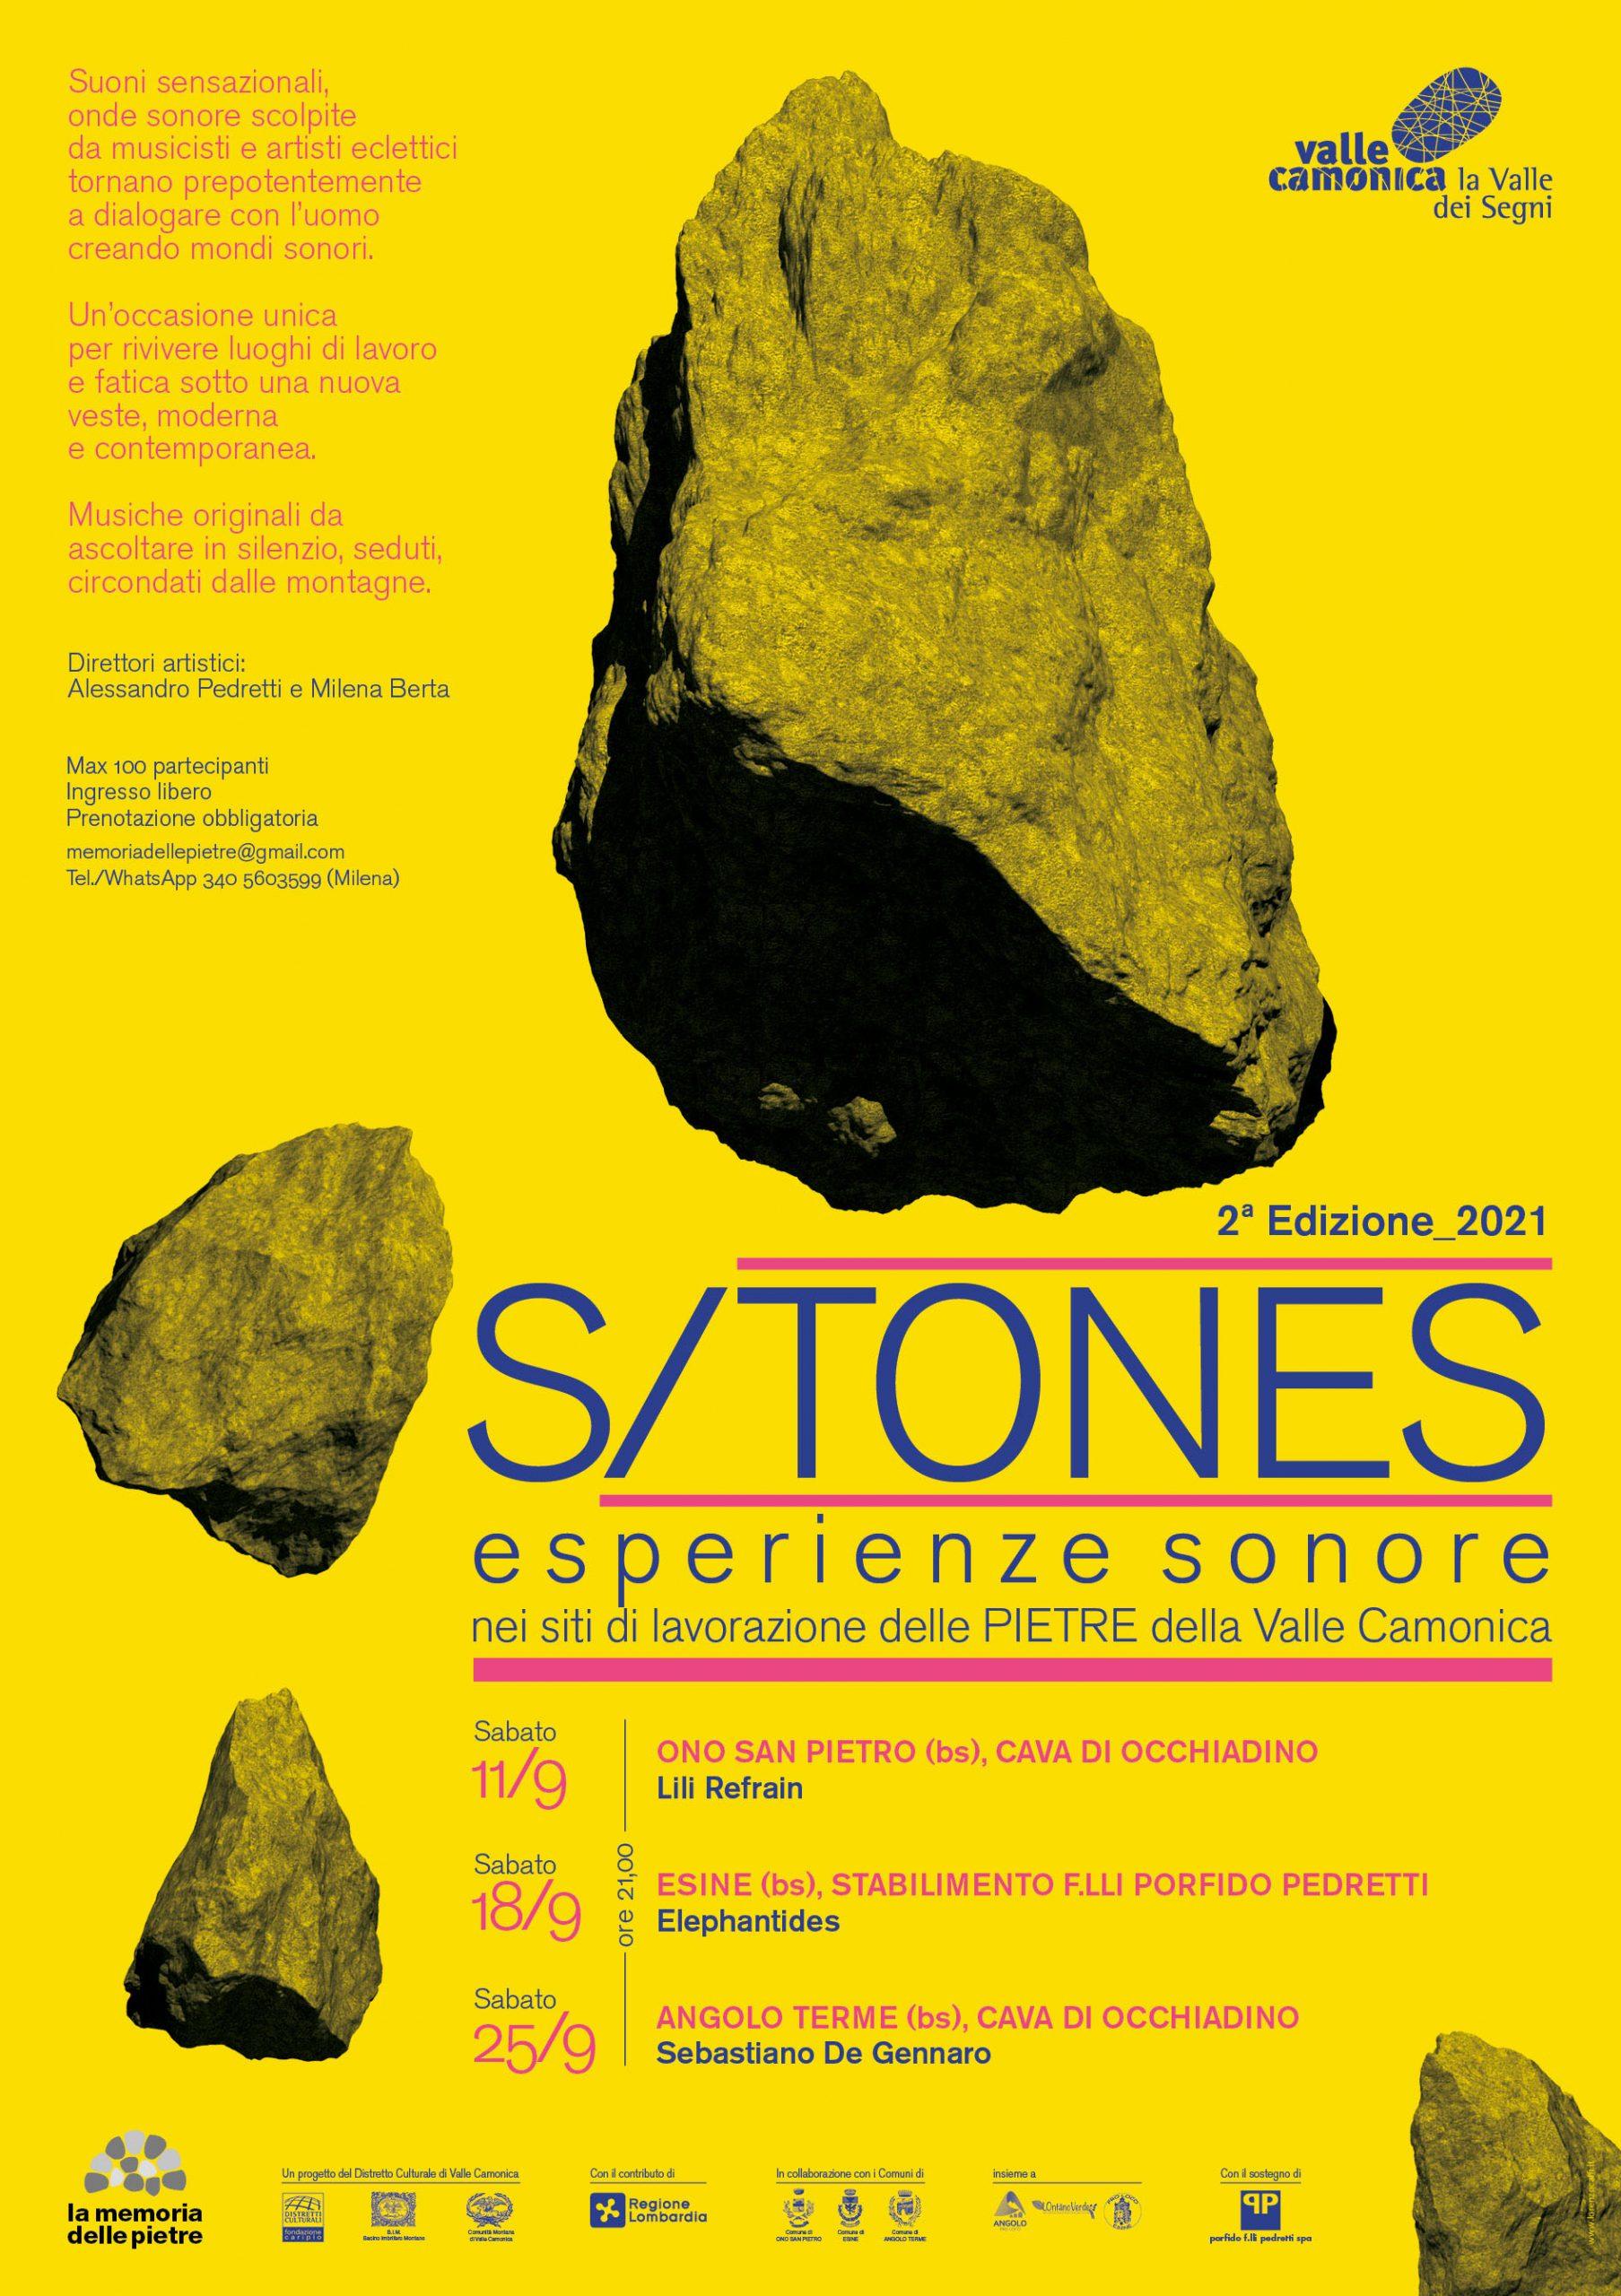 Locandina S/TONES 2021 - Distretto Culturale Valle Camonica - La memoria delle pietre